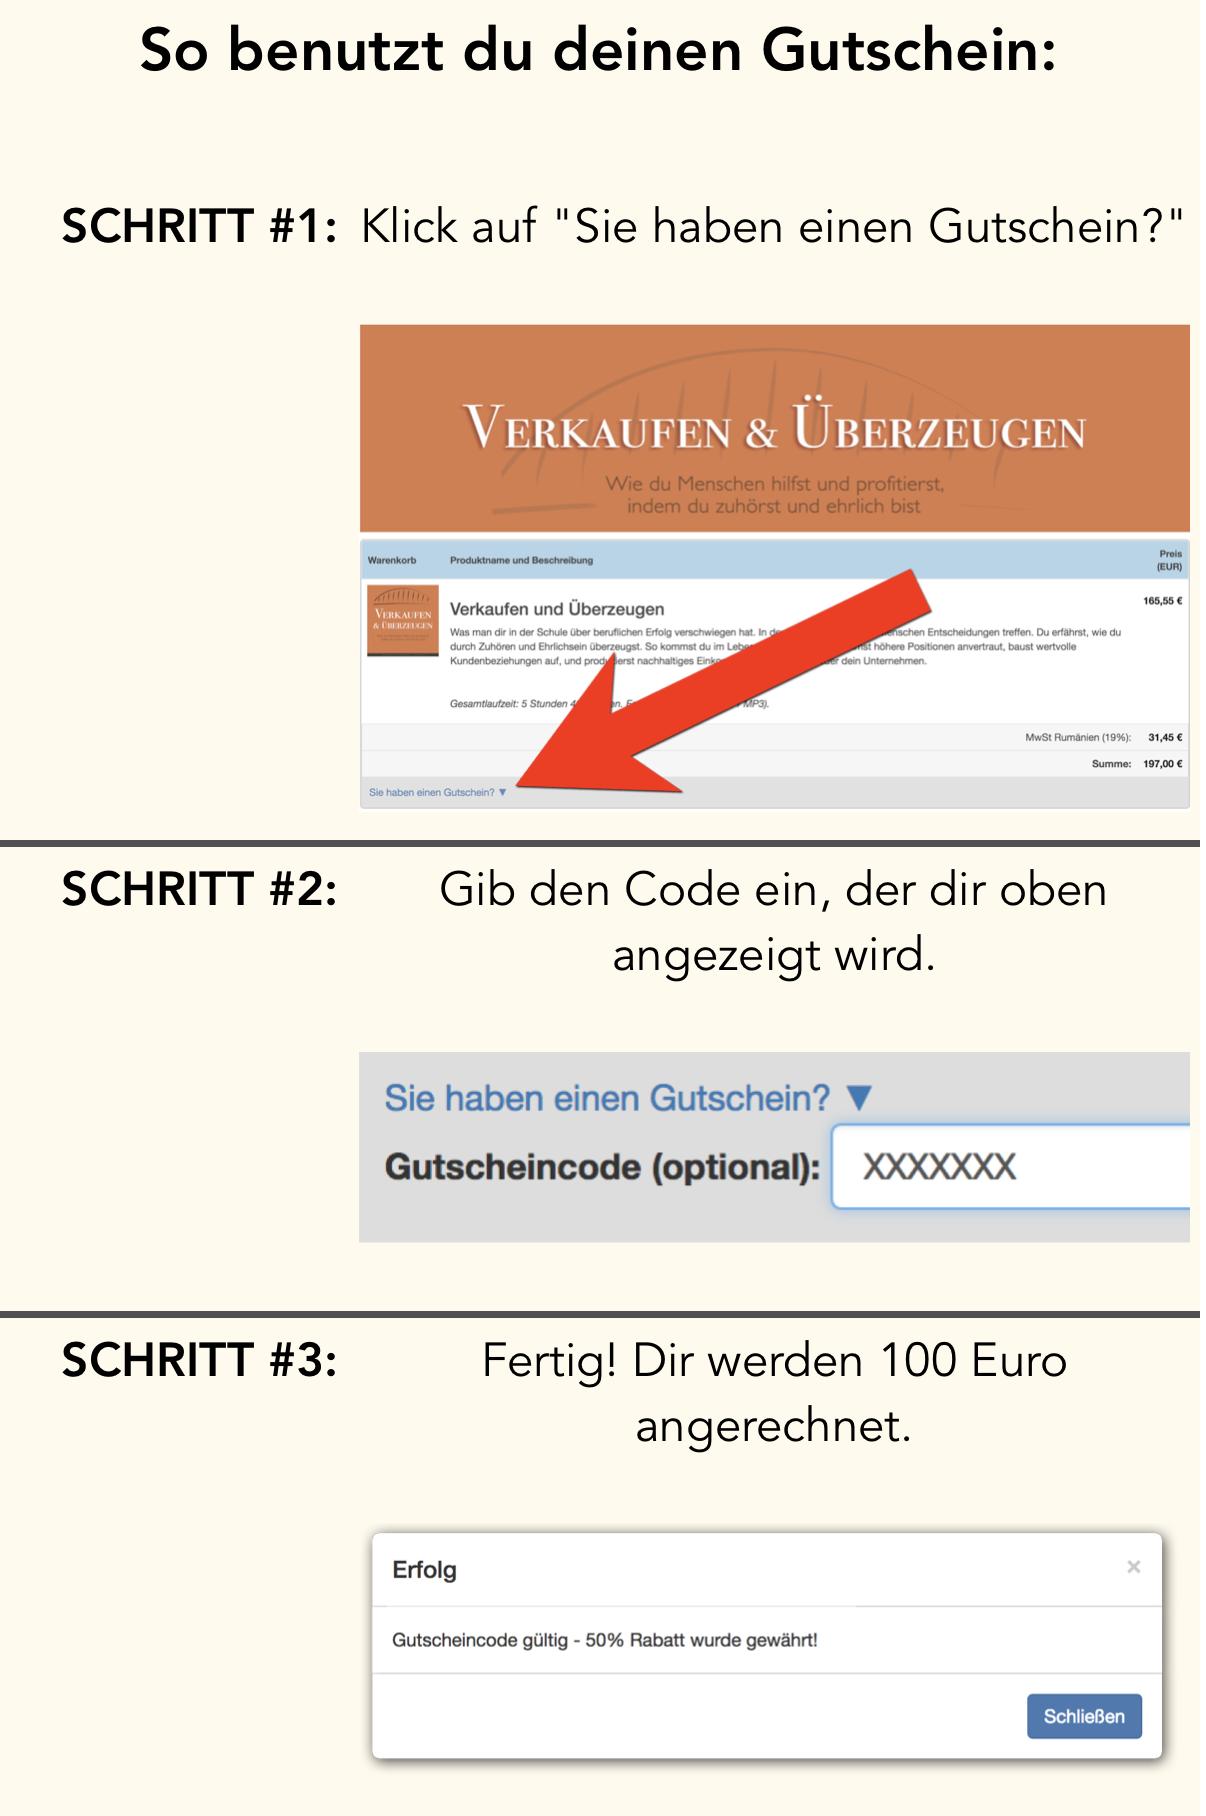 Gutscheincode eingeben und 100 Euro sparen!